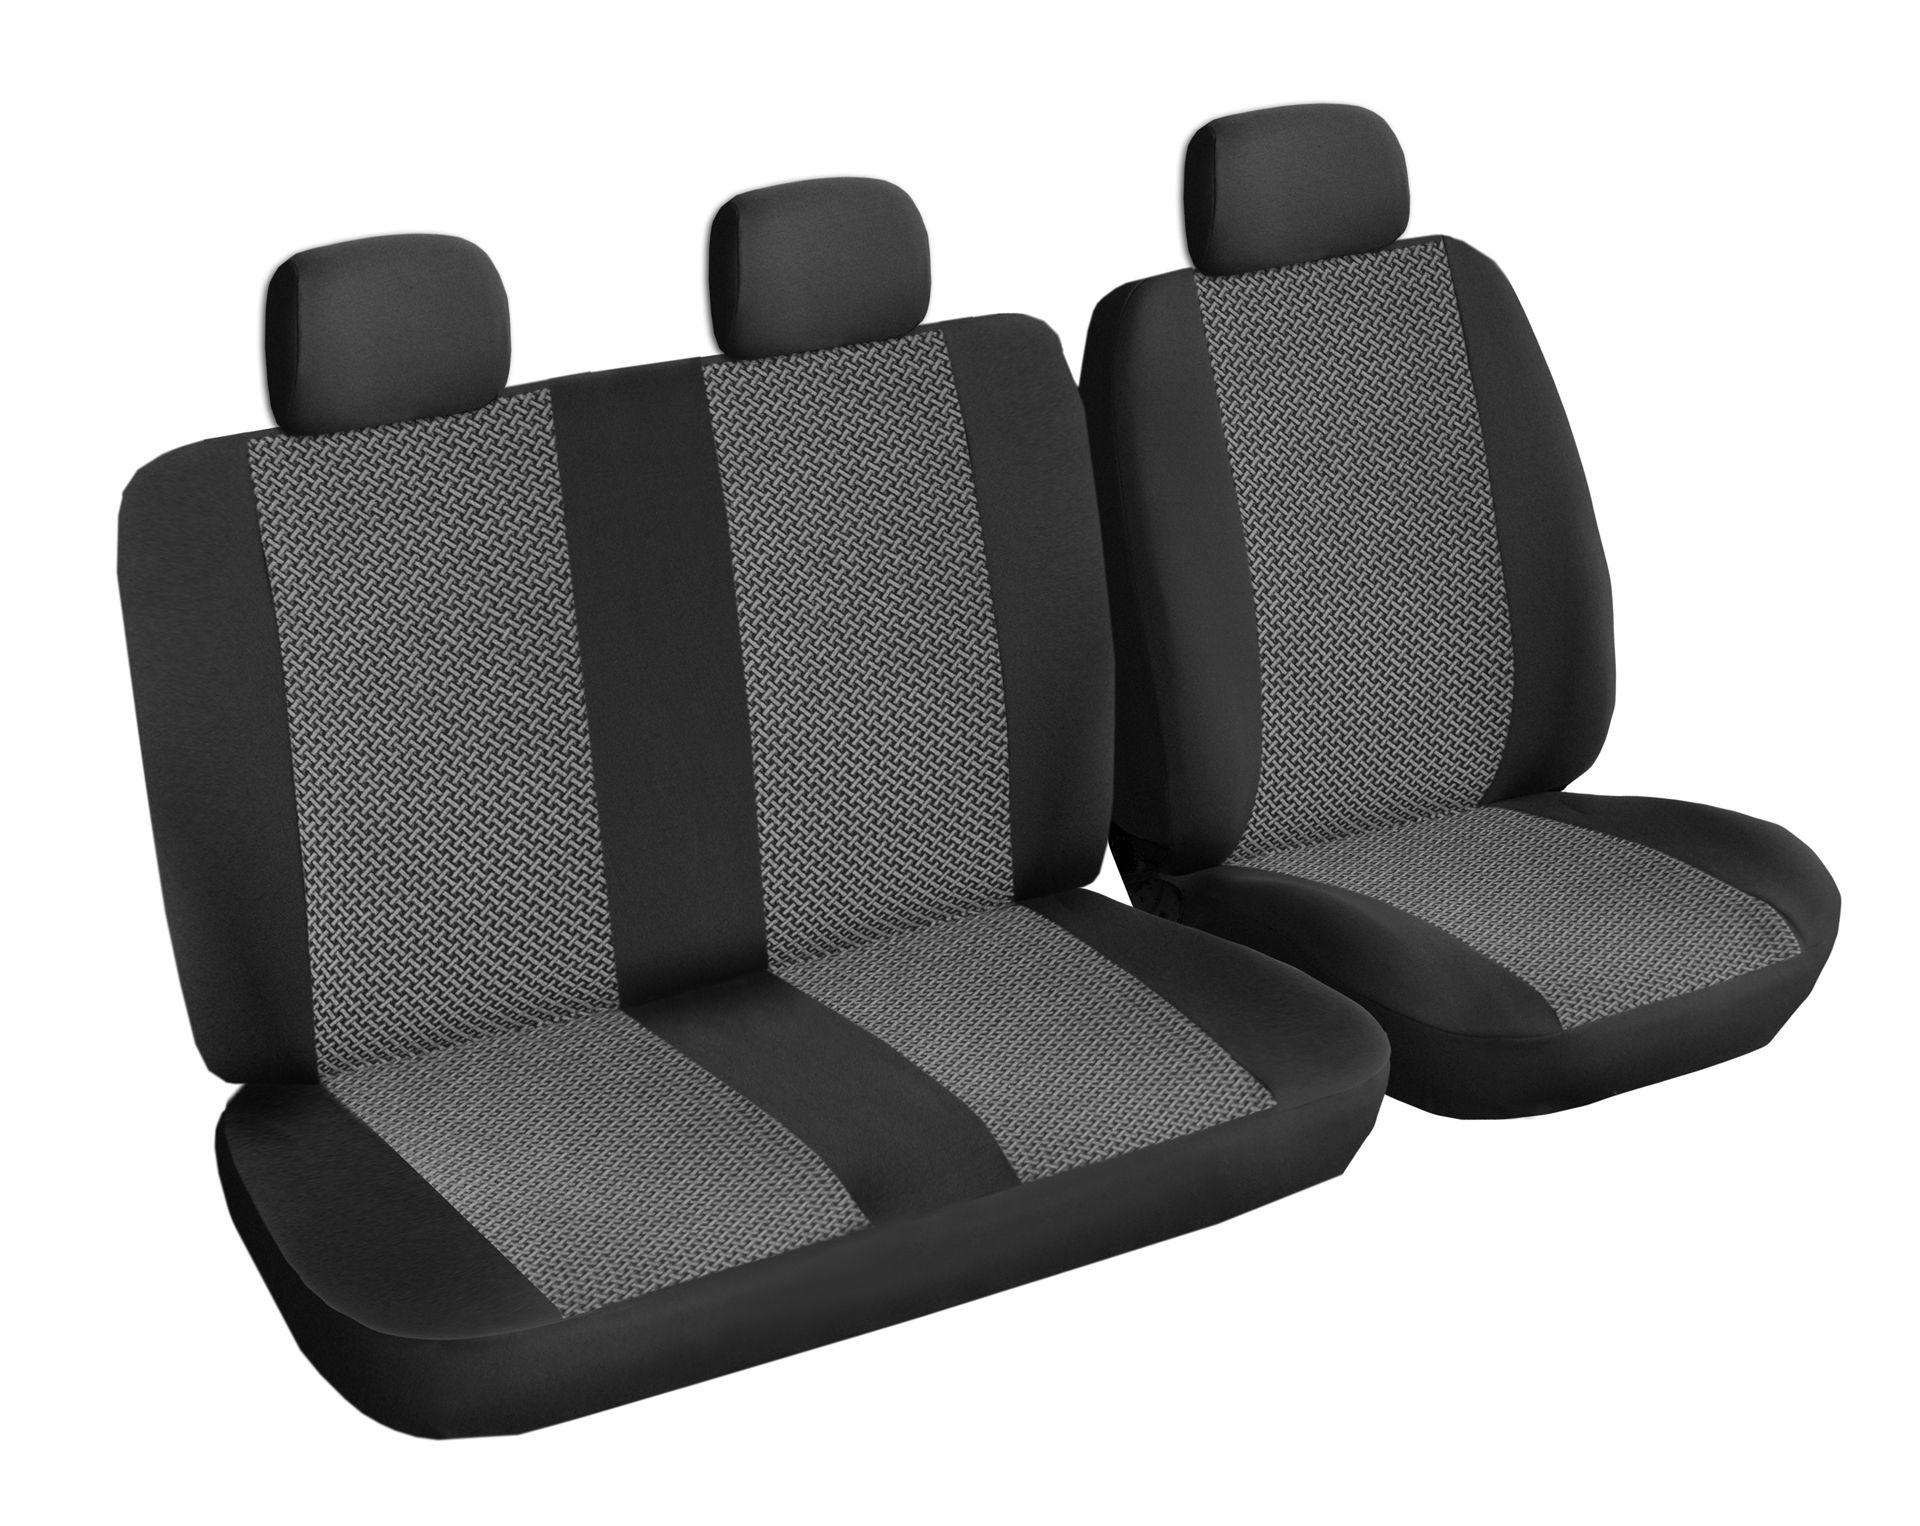 Autopotahy Volkswagen T5, 3 místa, od r. 2003, šedo černé